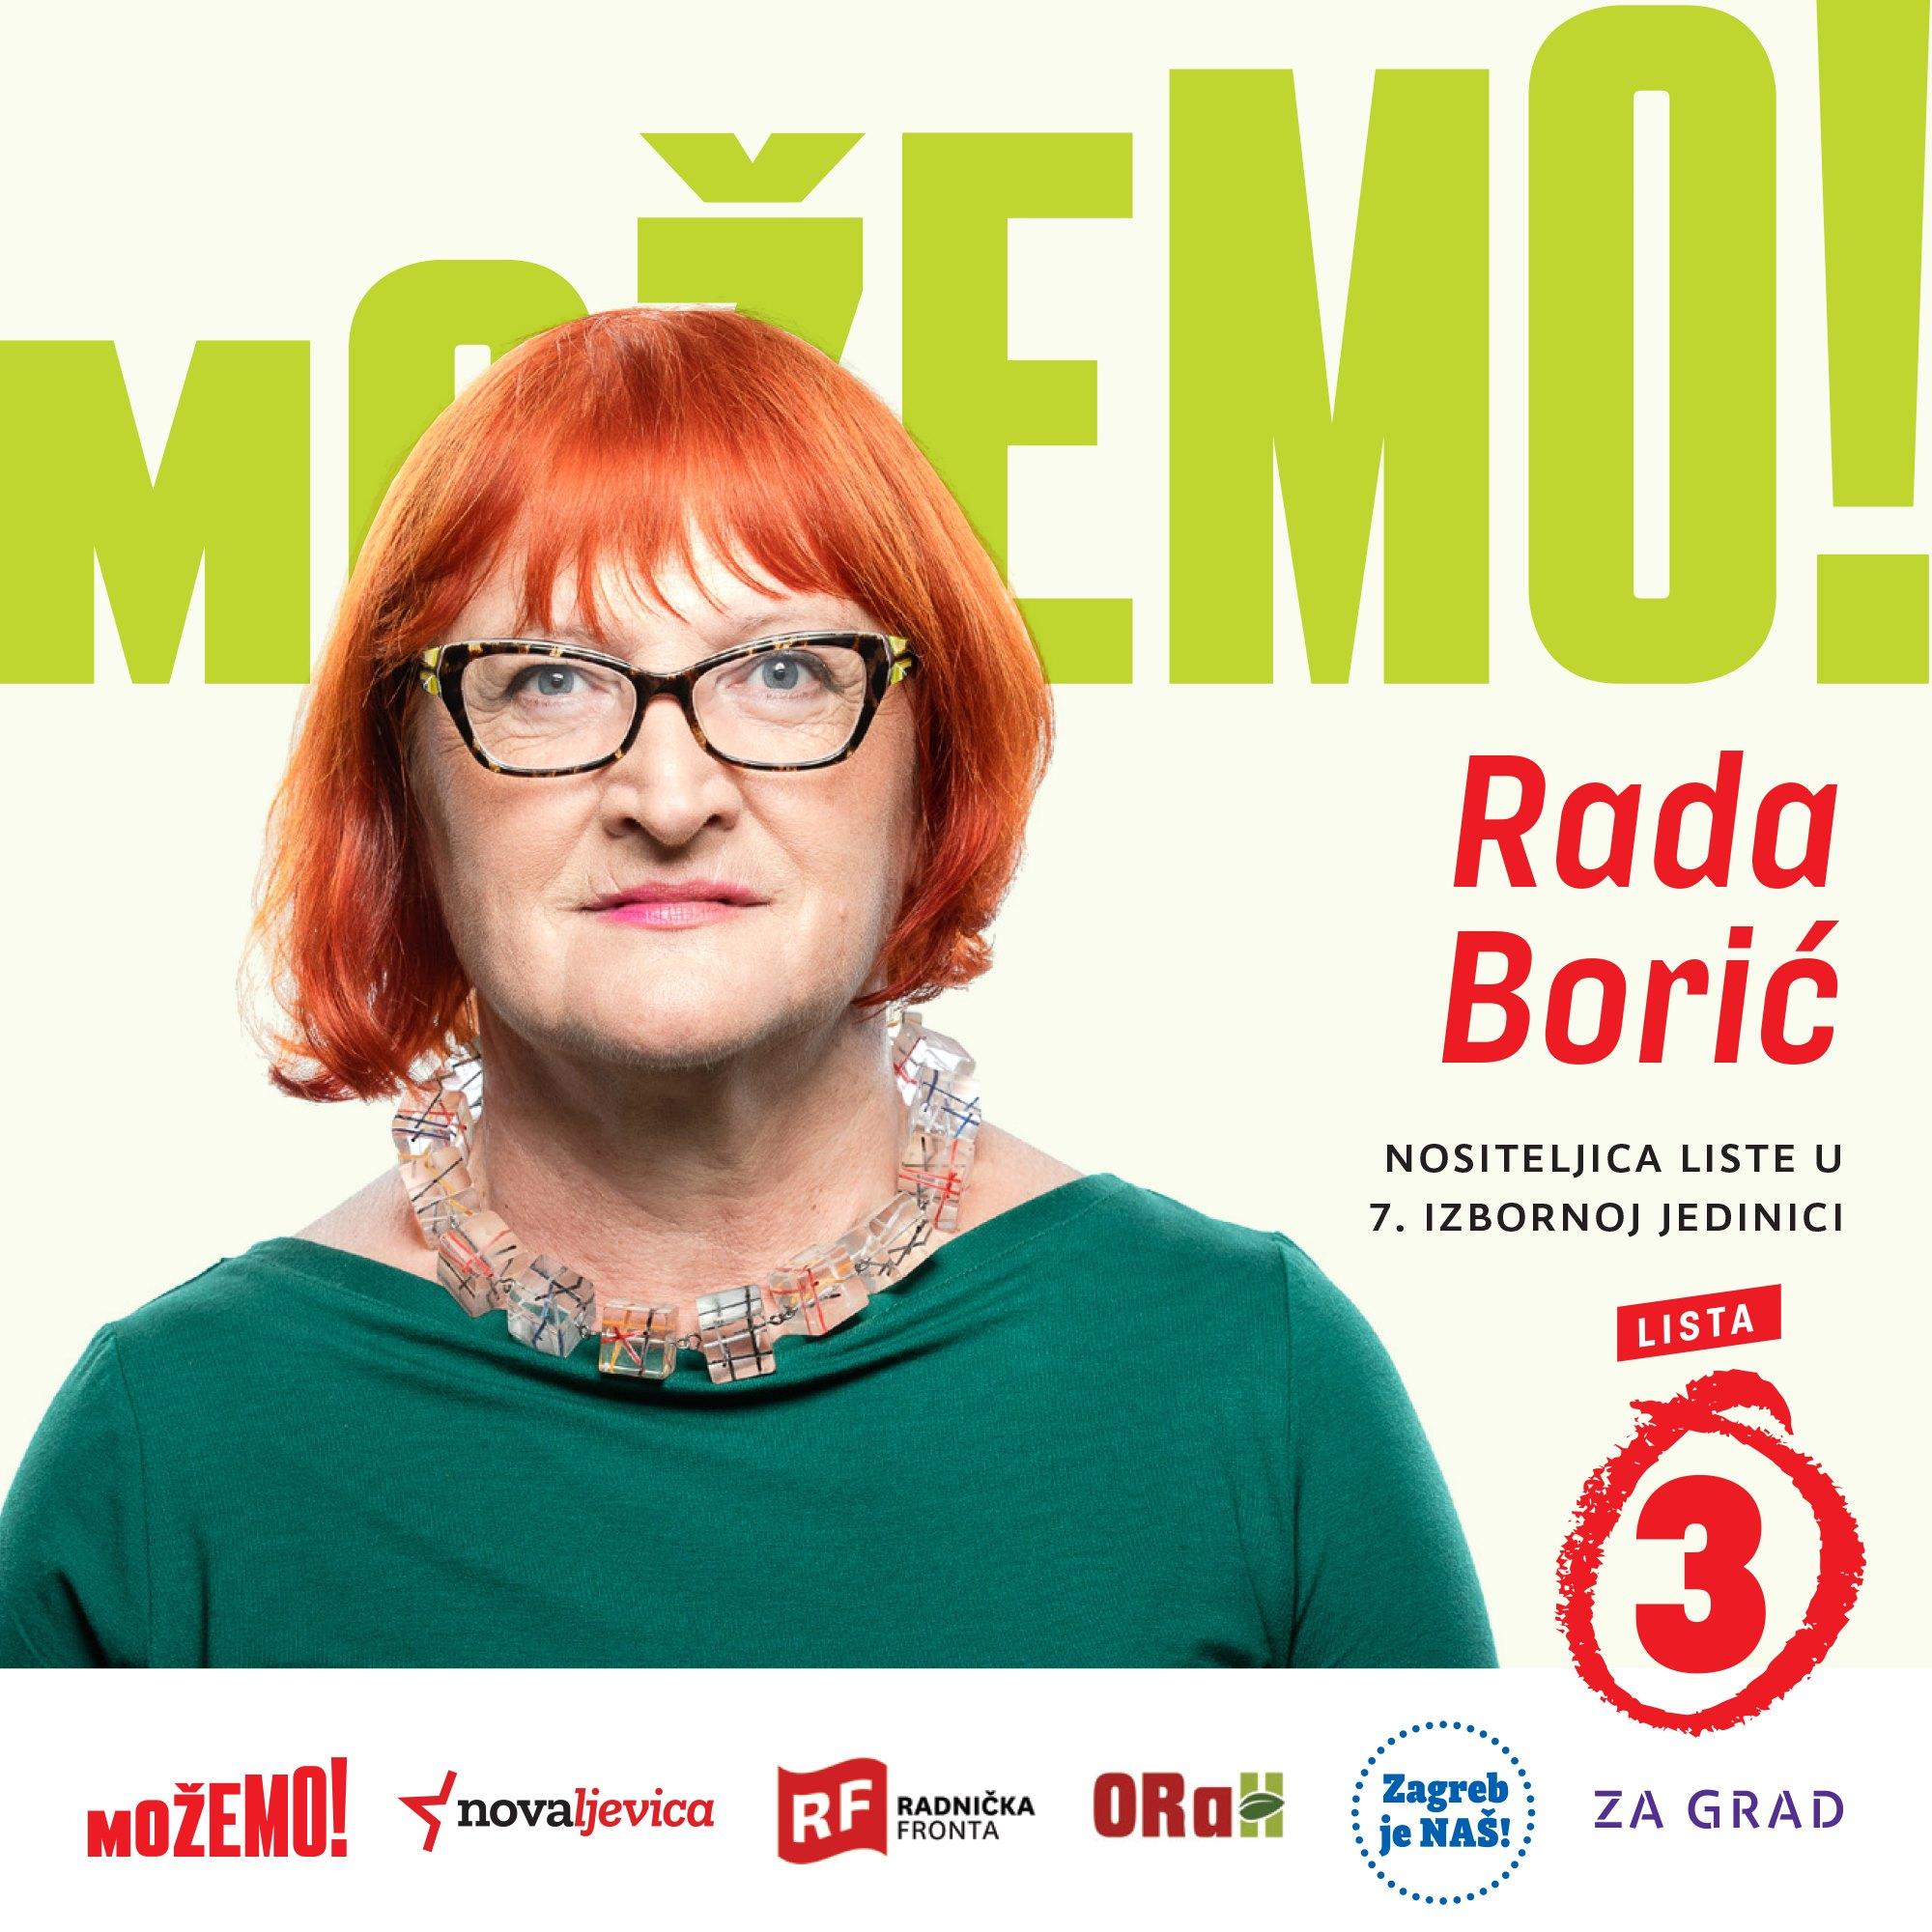 Predstavljamo Radu Borić, prvu na našoj listi u 7. izbornoj jedinici!